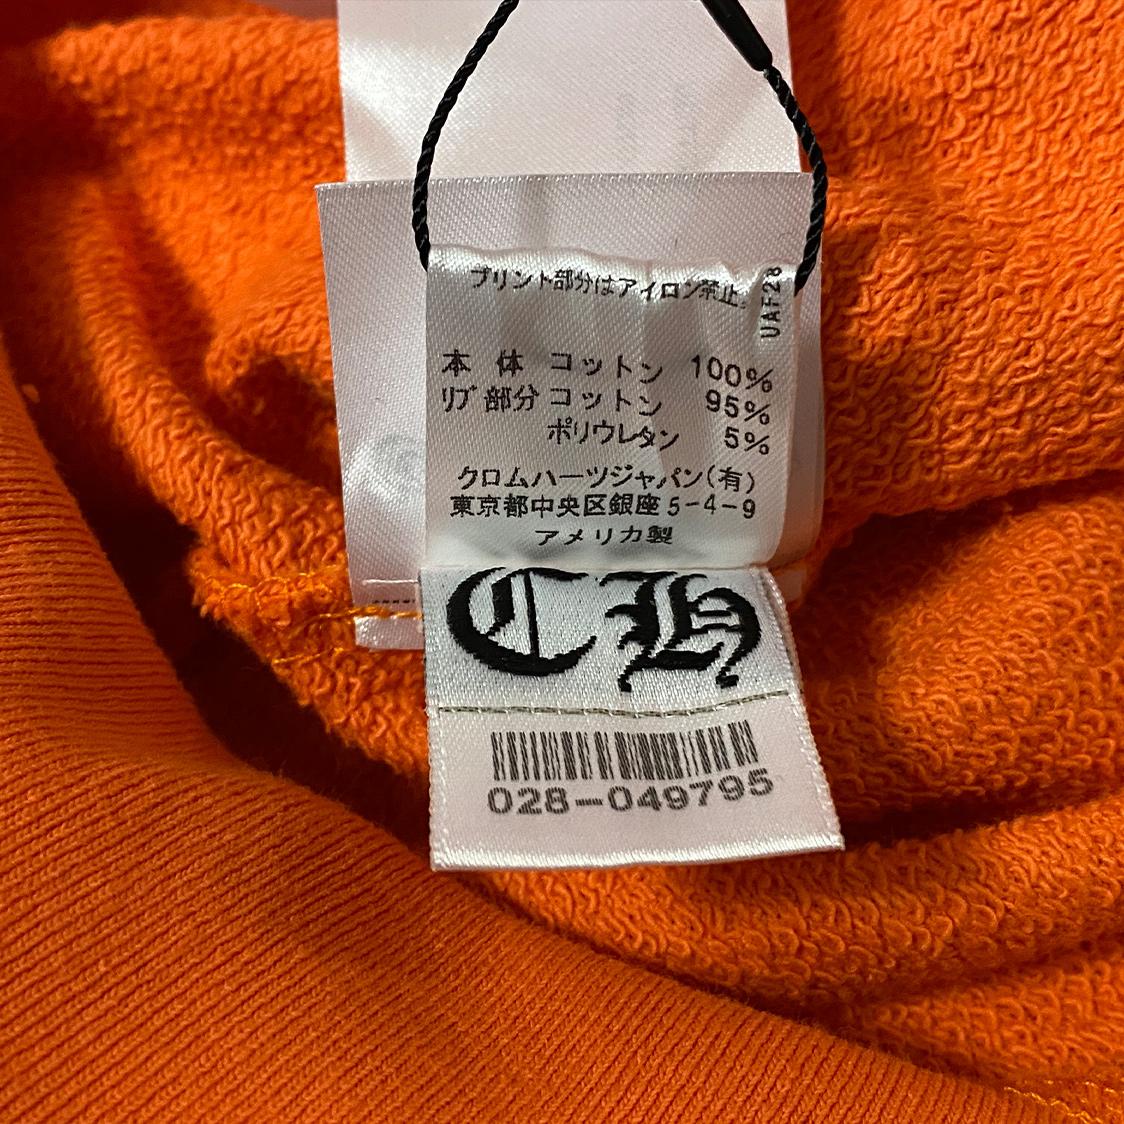 希少 新品 クロムハーツ CHROMEHEARTS 【XLサイズ】 バックダガー プリント プルオーバー パーカー フーディ オレンジ